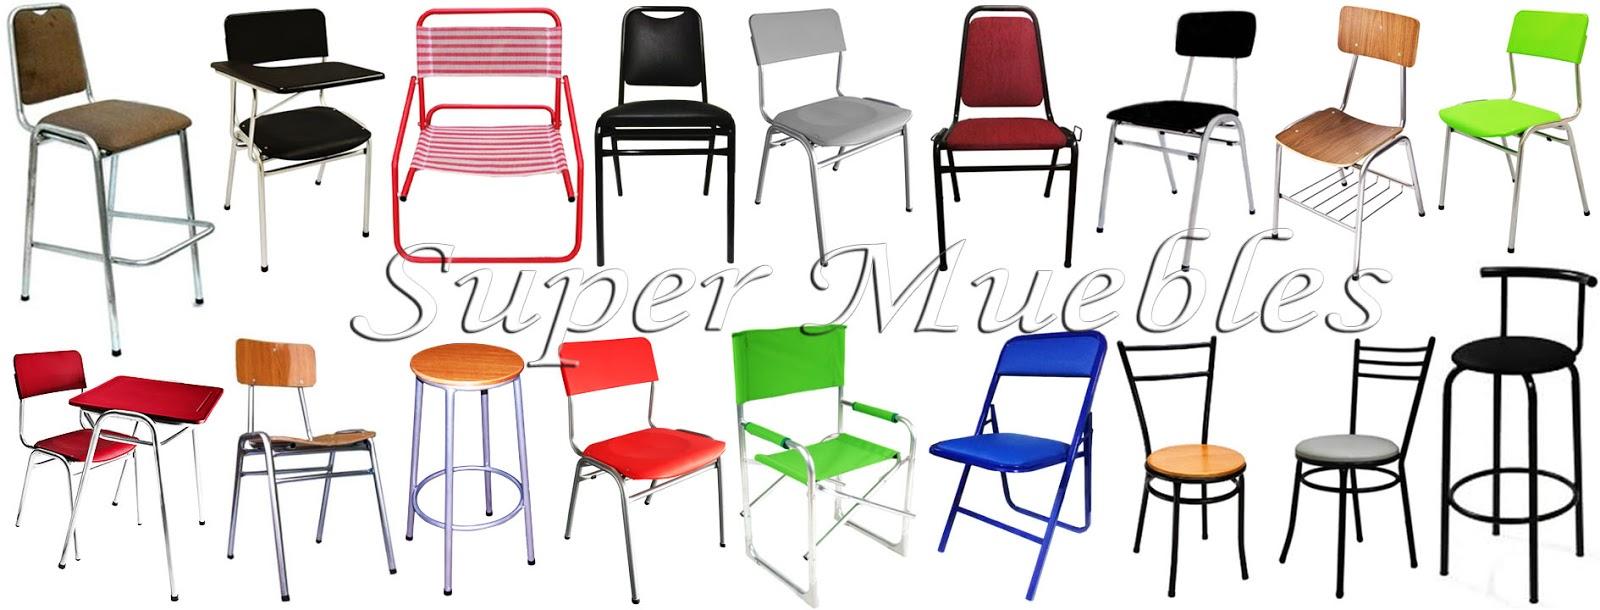 Super muebles sillas apilables variedad de modelos for Muebles super economicos